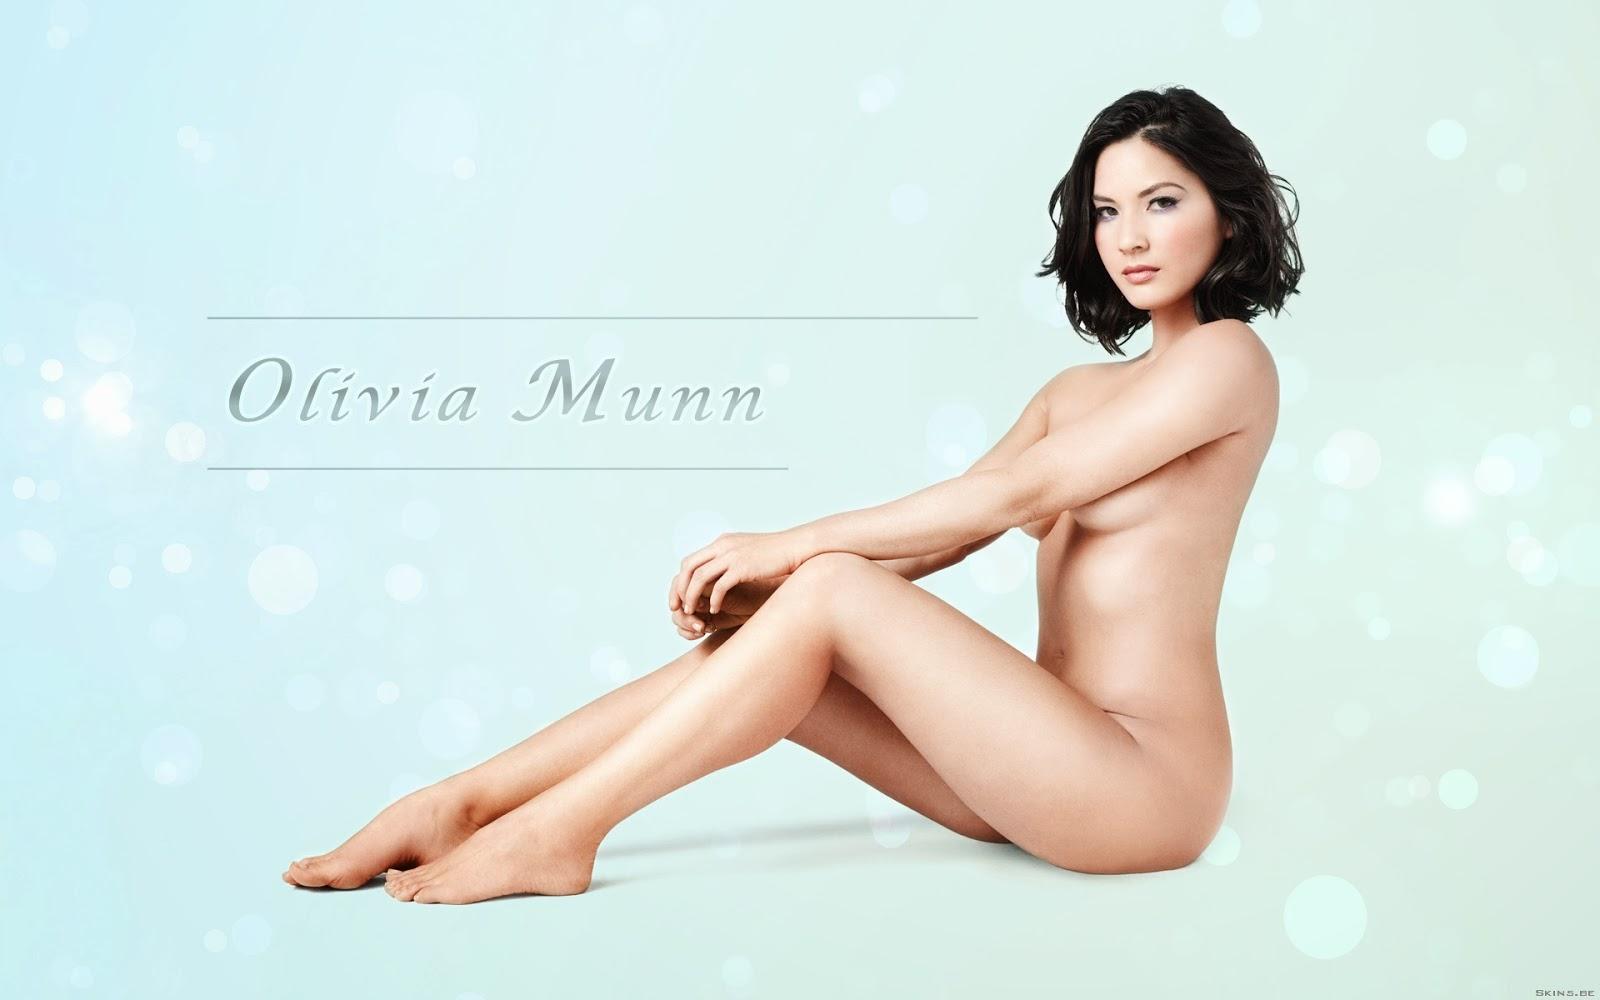 Olivia Munn Nude Images